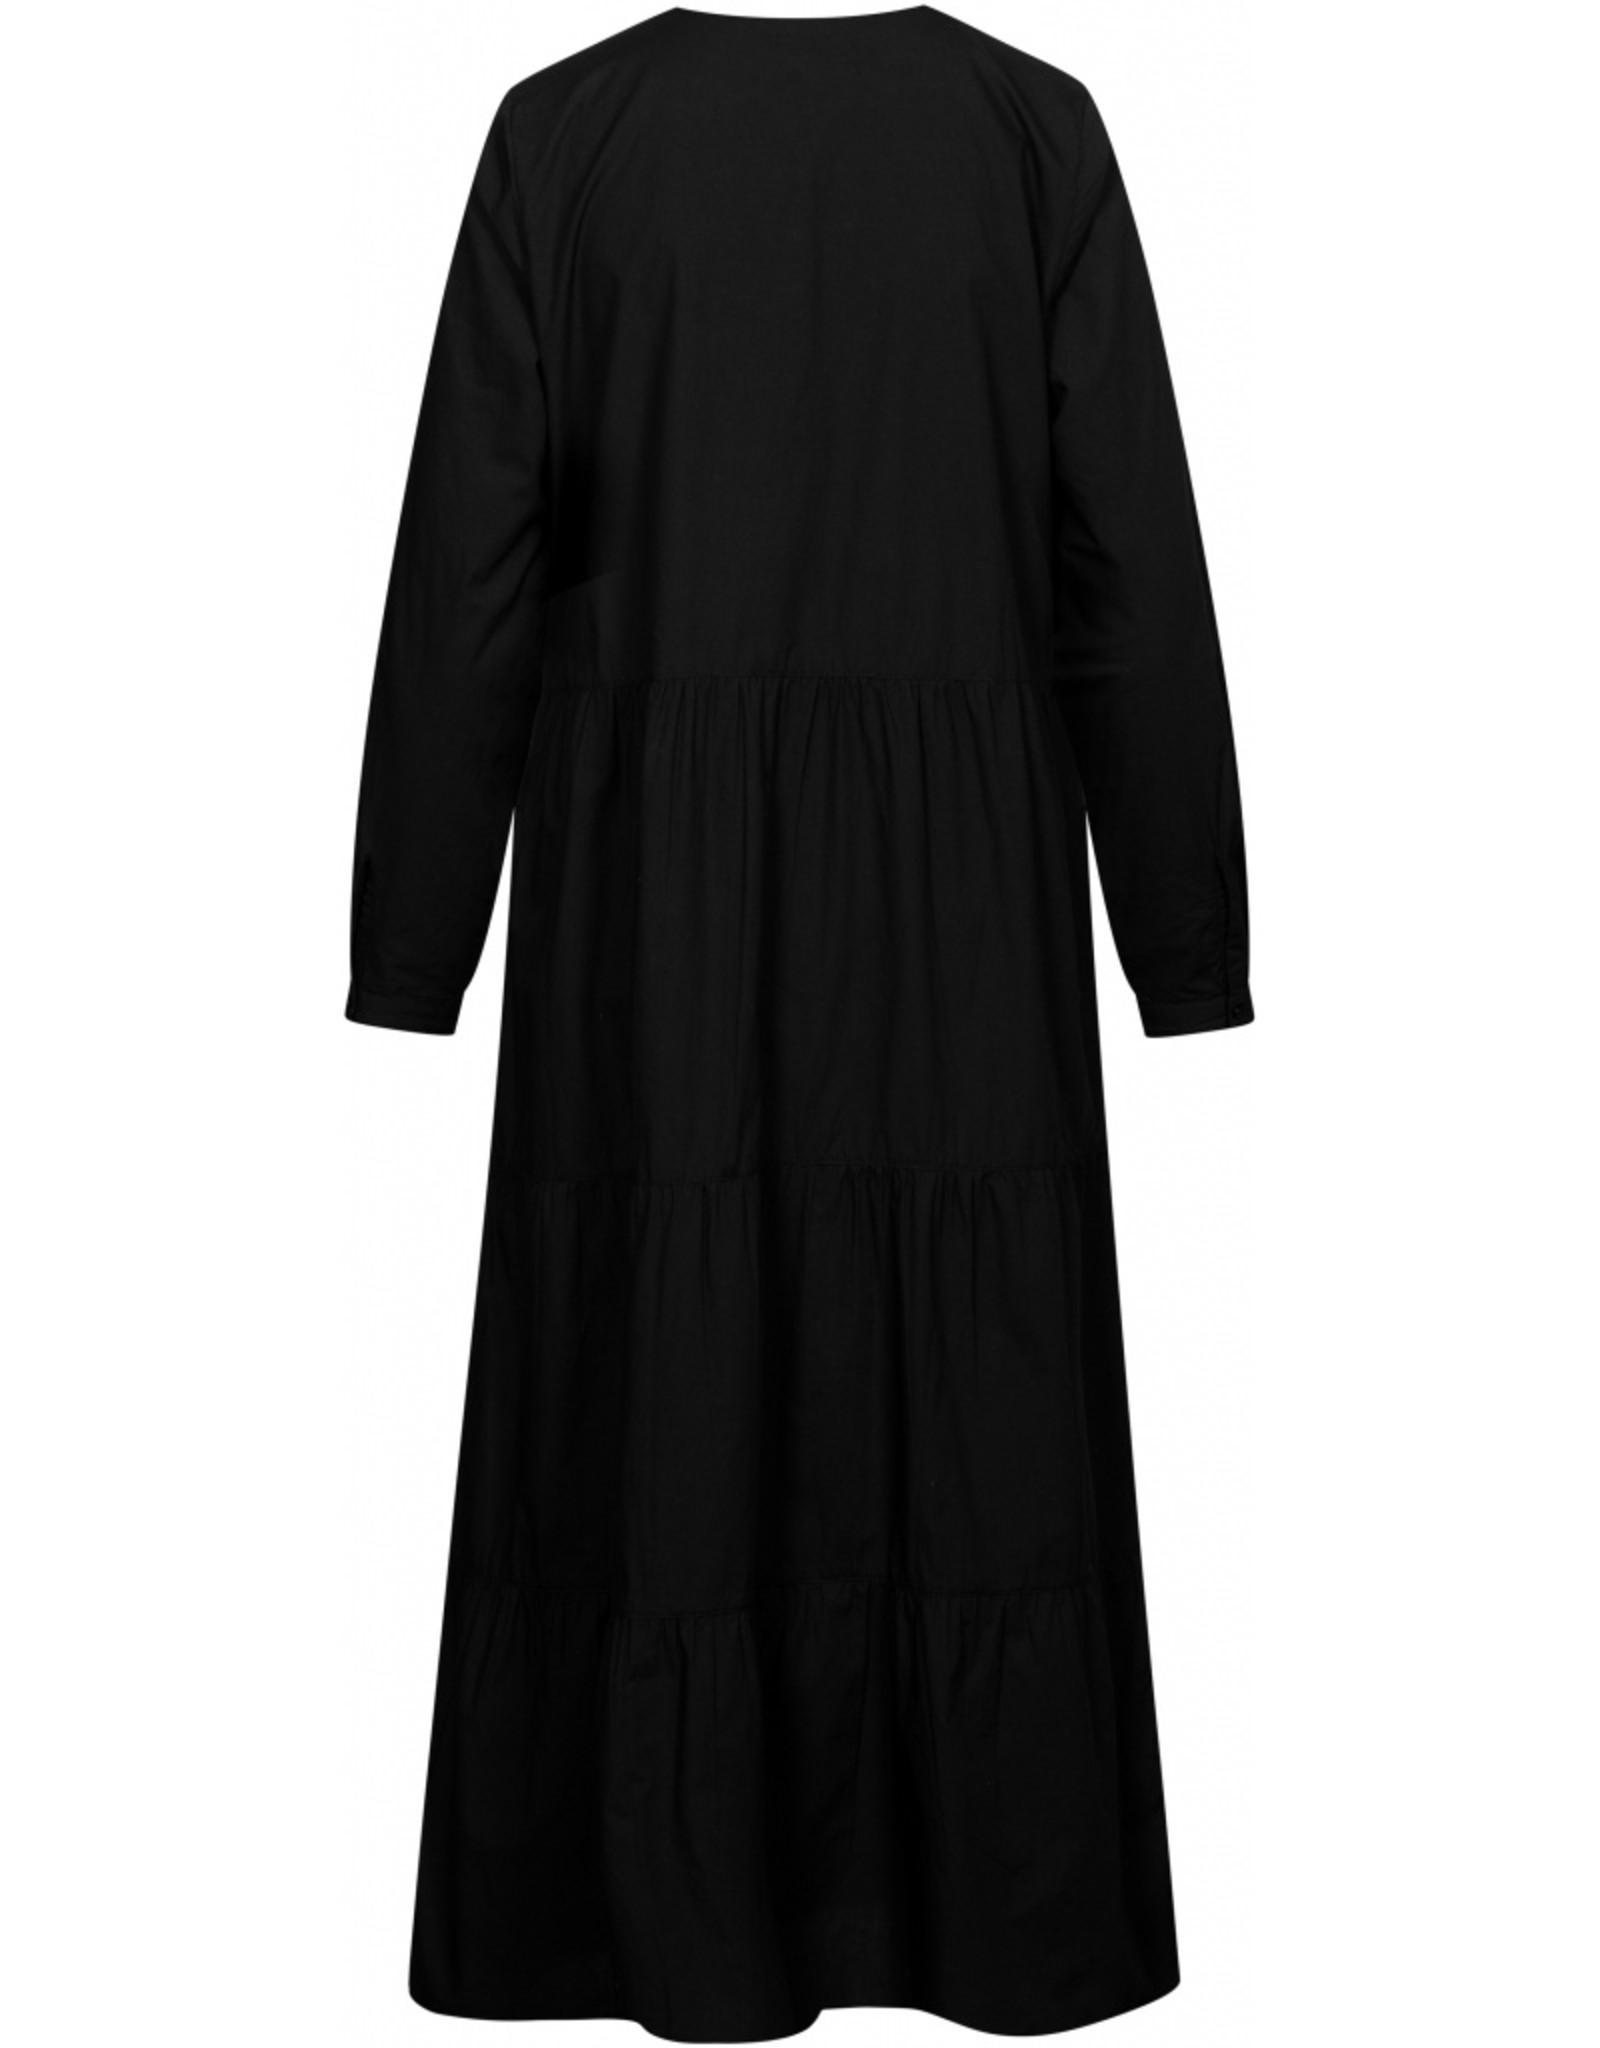 Gai&Lisva jurk 'Tanja' katoen - zwart